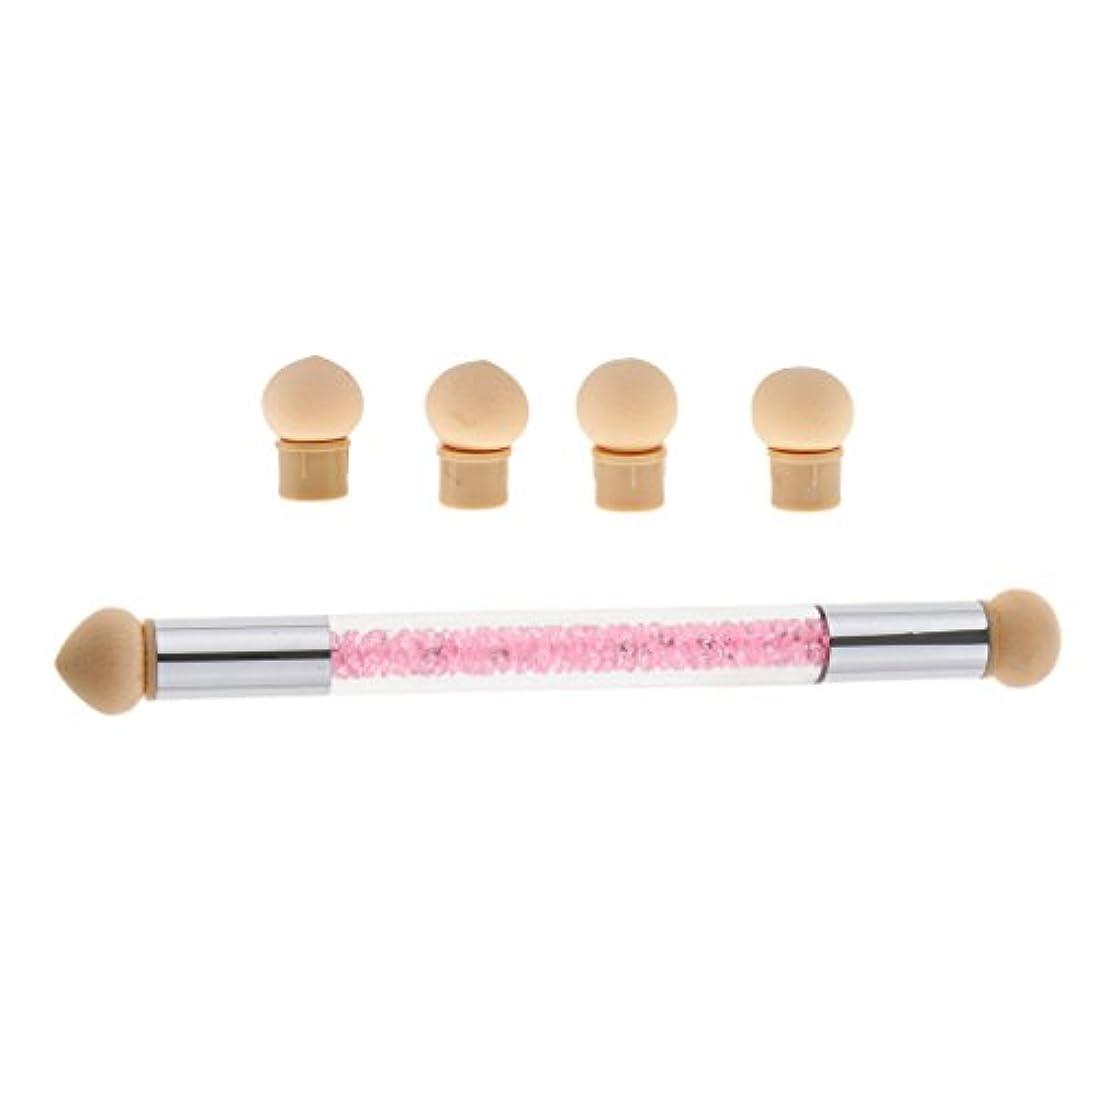 絶妙いいね懐疑論Perfk ネイルアート スポンジブラシ ドットペン 4個 交換用 スポンジヘッド ネイルブラシ UVゲル DIY アクリル爪 2色選べる - ピンク